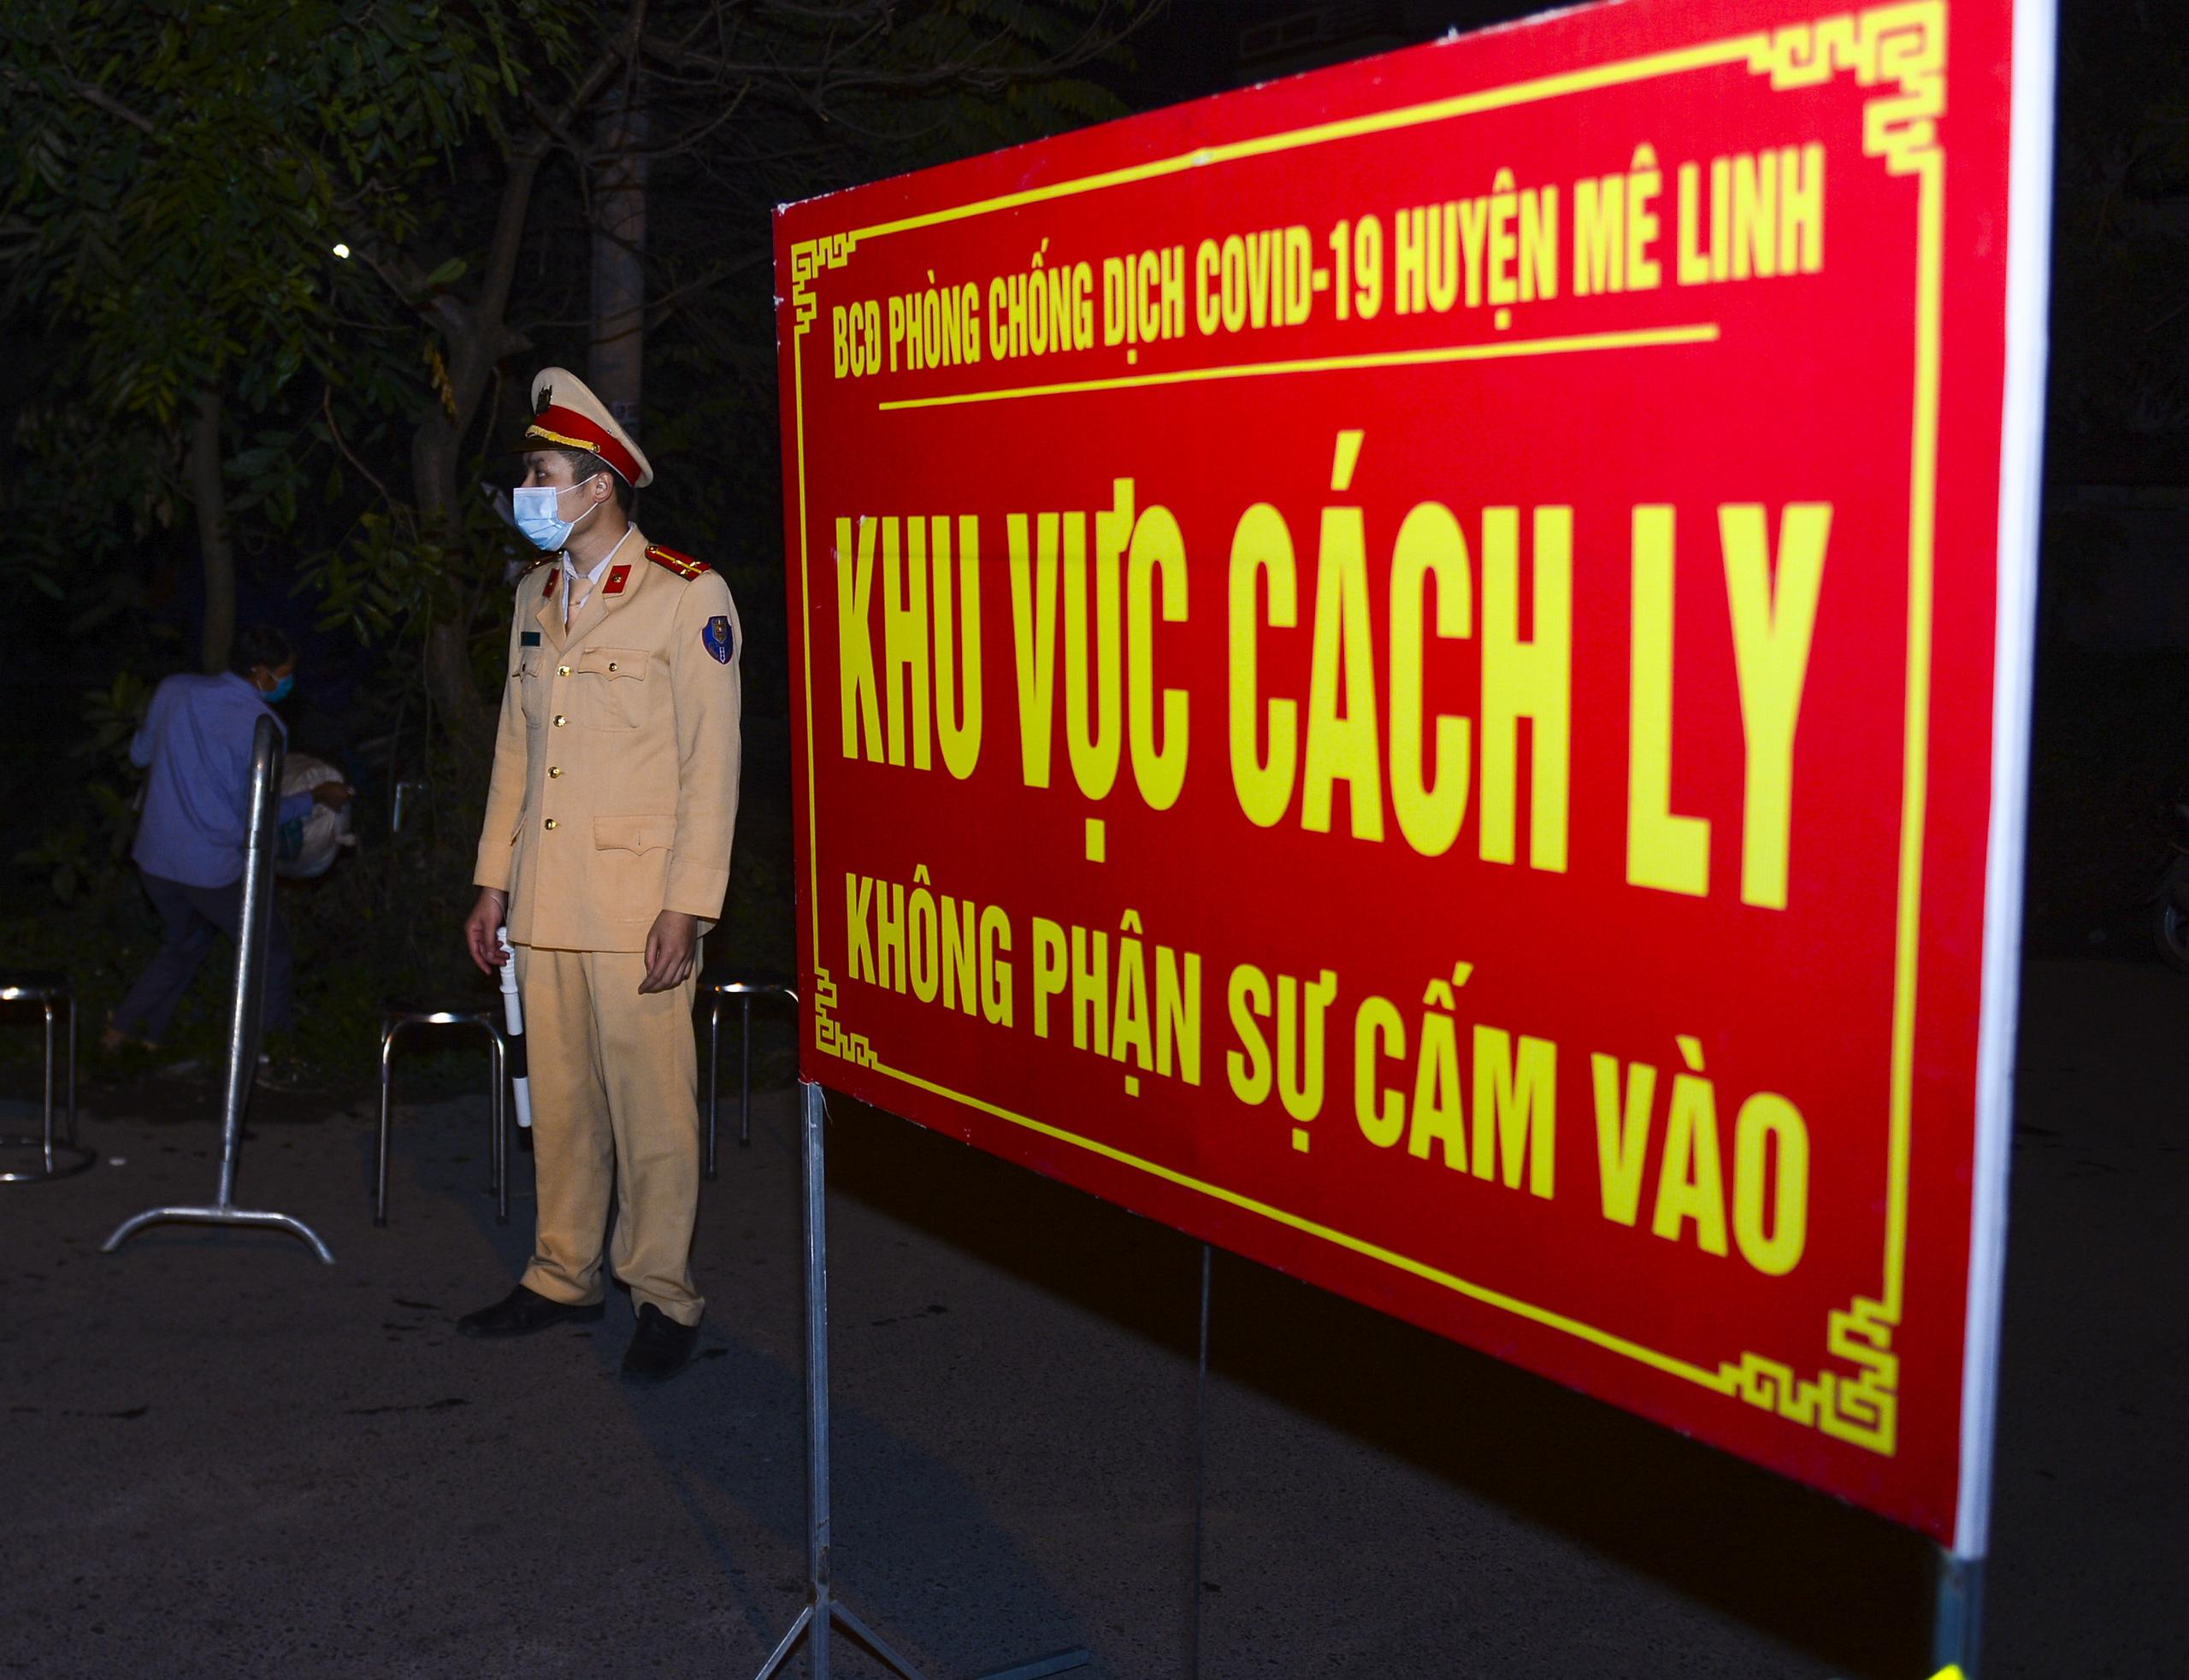 [Ảnh] Xe tuyên truyền phòng, chống COVID-19 ngày đêm đi quanh thôn có người dương tính SARS-CoV-2 ở Hà Nội - Ảnh 2.